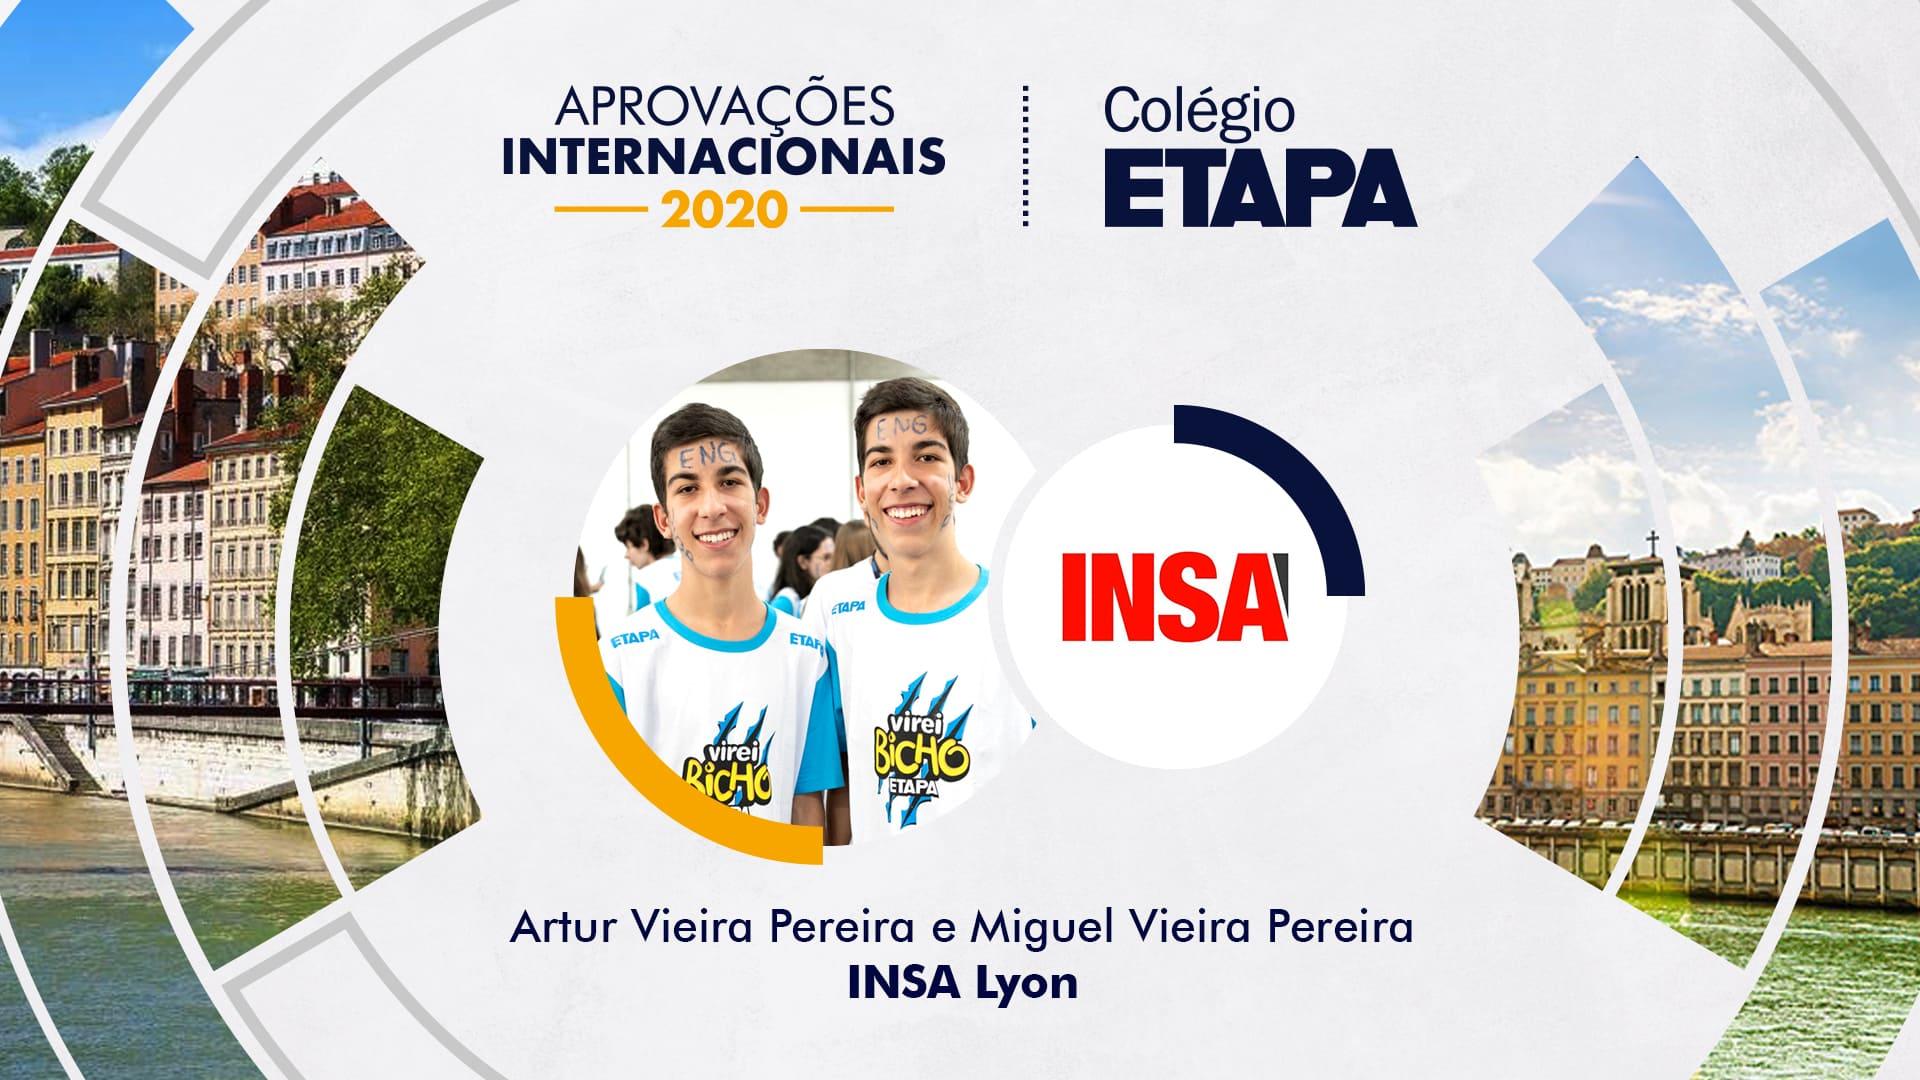 Artur e Miguel Vieira Pereira foram aprovados no Institut National des Sciences Appliquées, uma das melhores universidades de Engenharia da França.